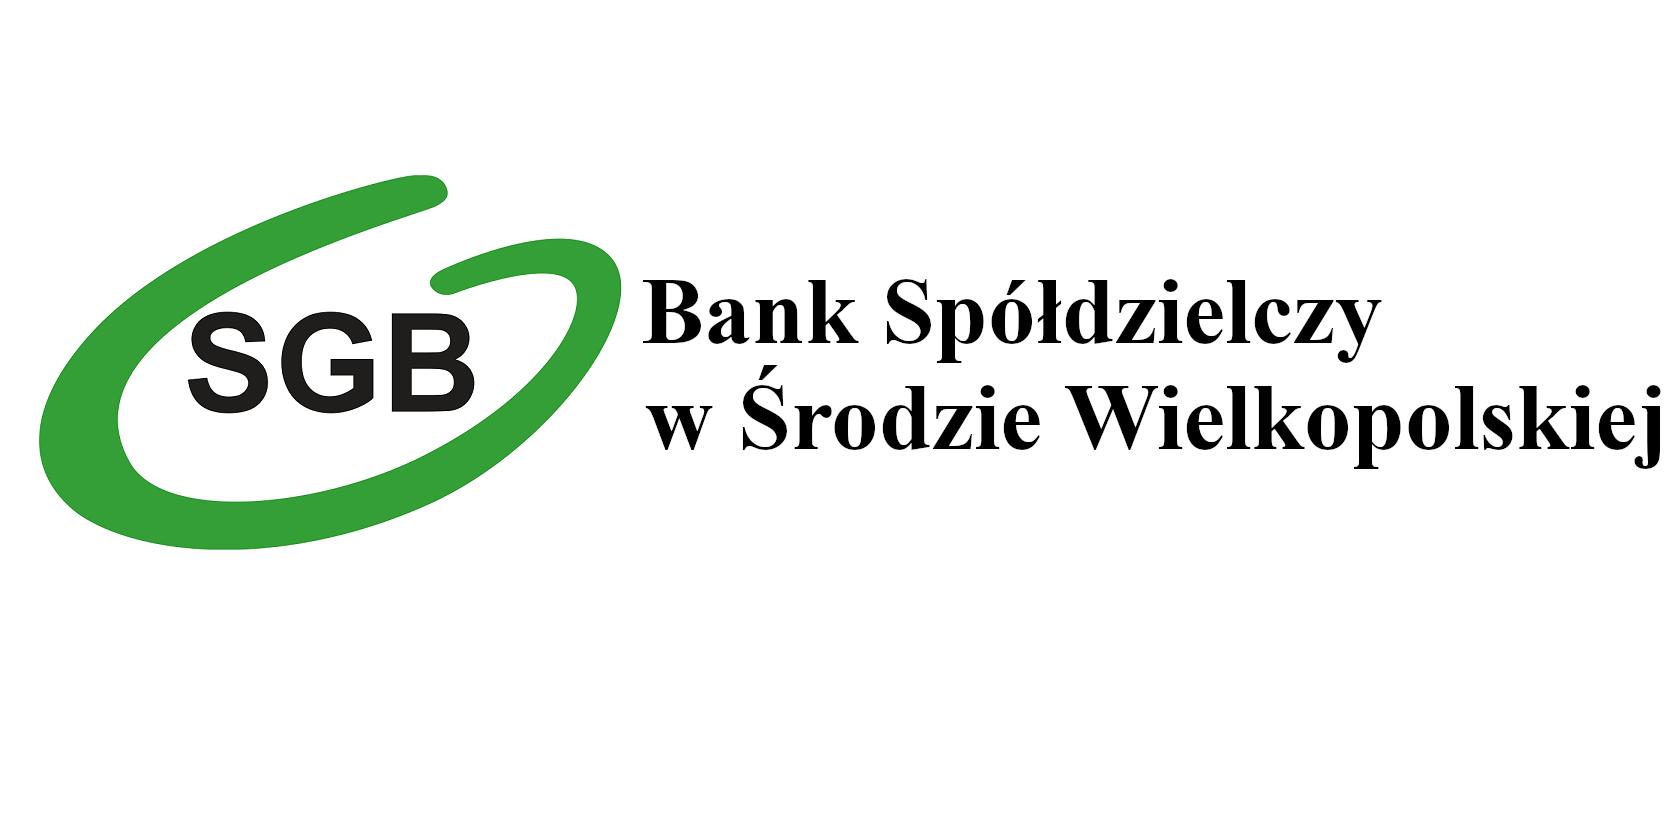 Oferta dla rolnictwa - Bank Spółdzielczy w Środzie Wielkopolskiej